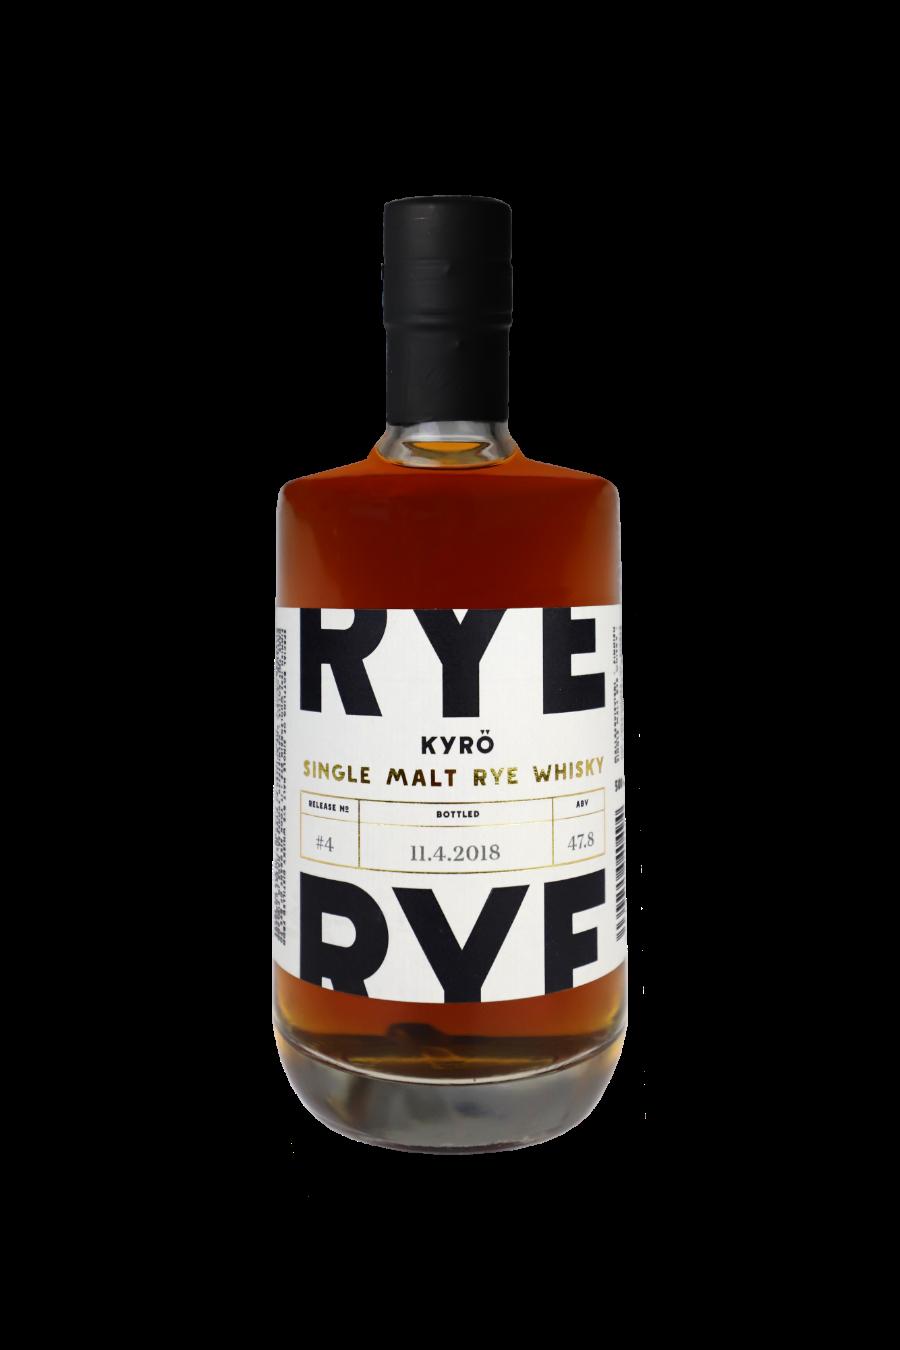 Finnischer Single Malt Rye Whisky steht erstmalig zum Verkauf – exklusiv auf Whisky.de